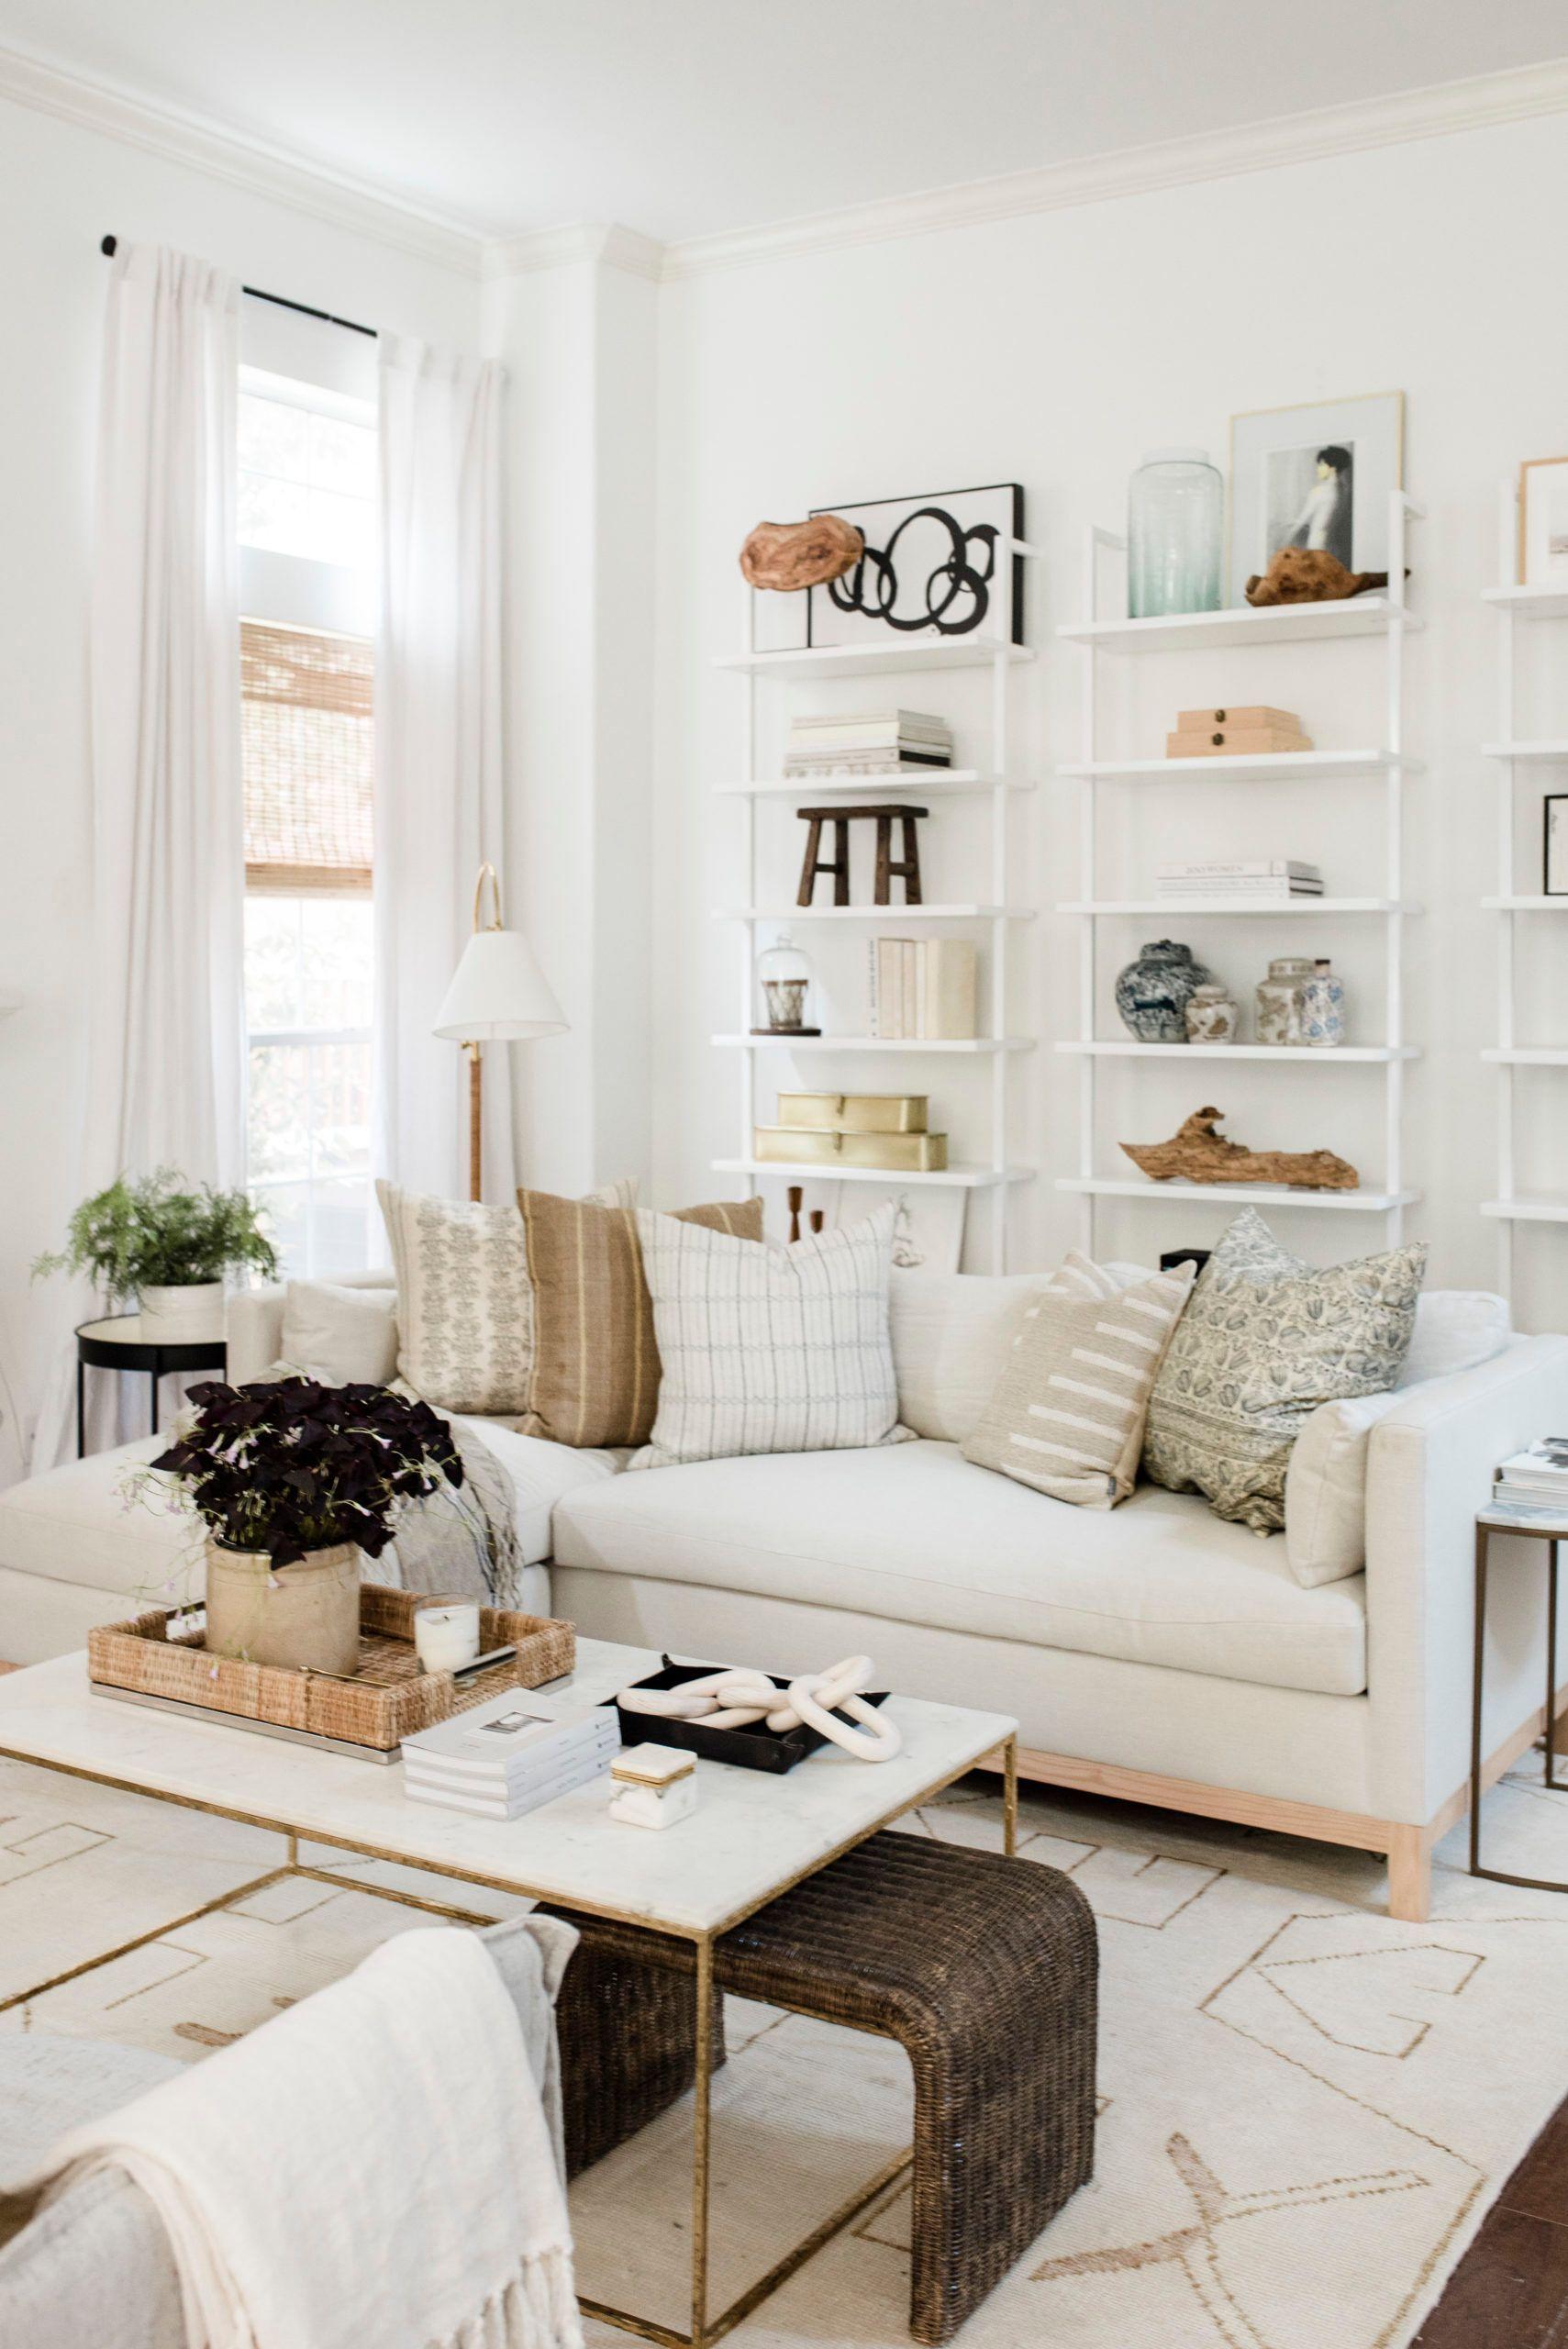 Capsule Home Decor For 2020 The Identite Collective In 2020 Home Home Decor Interior